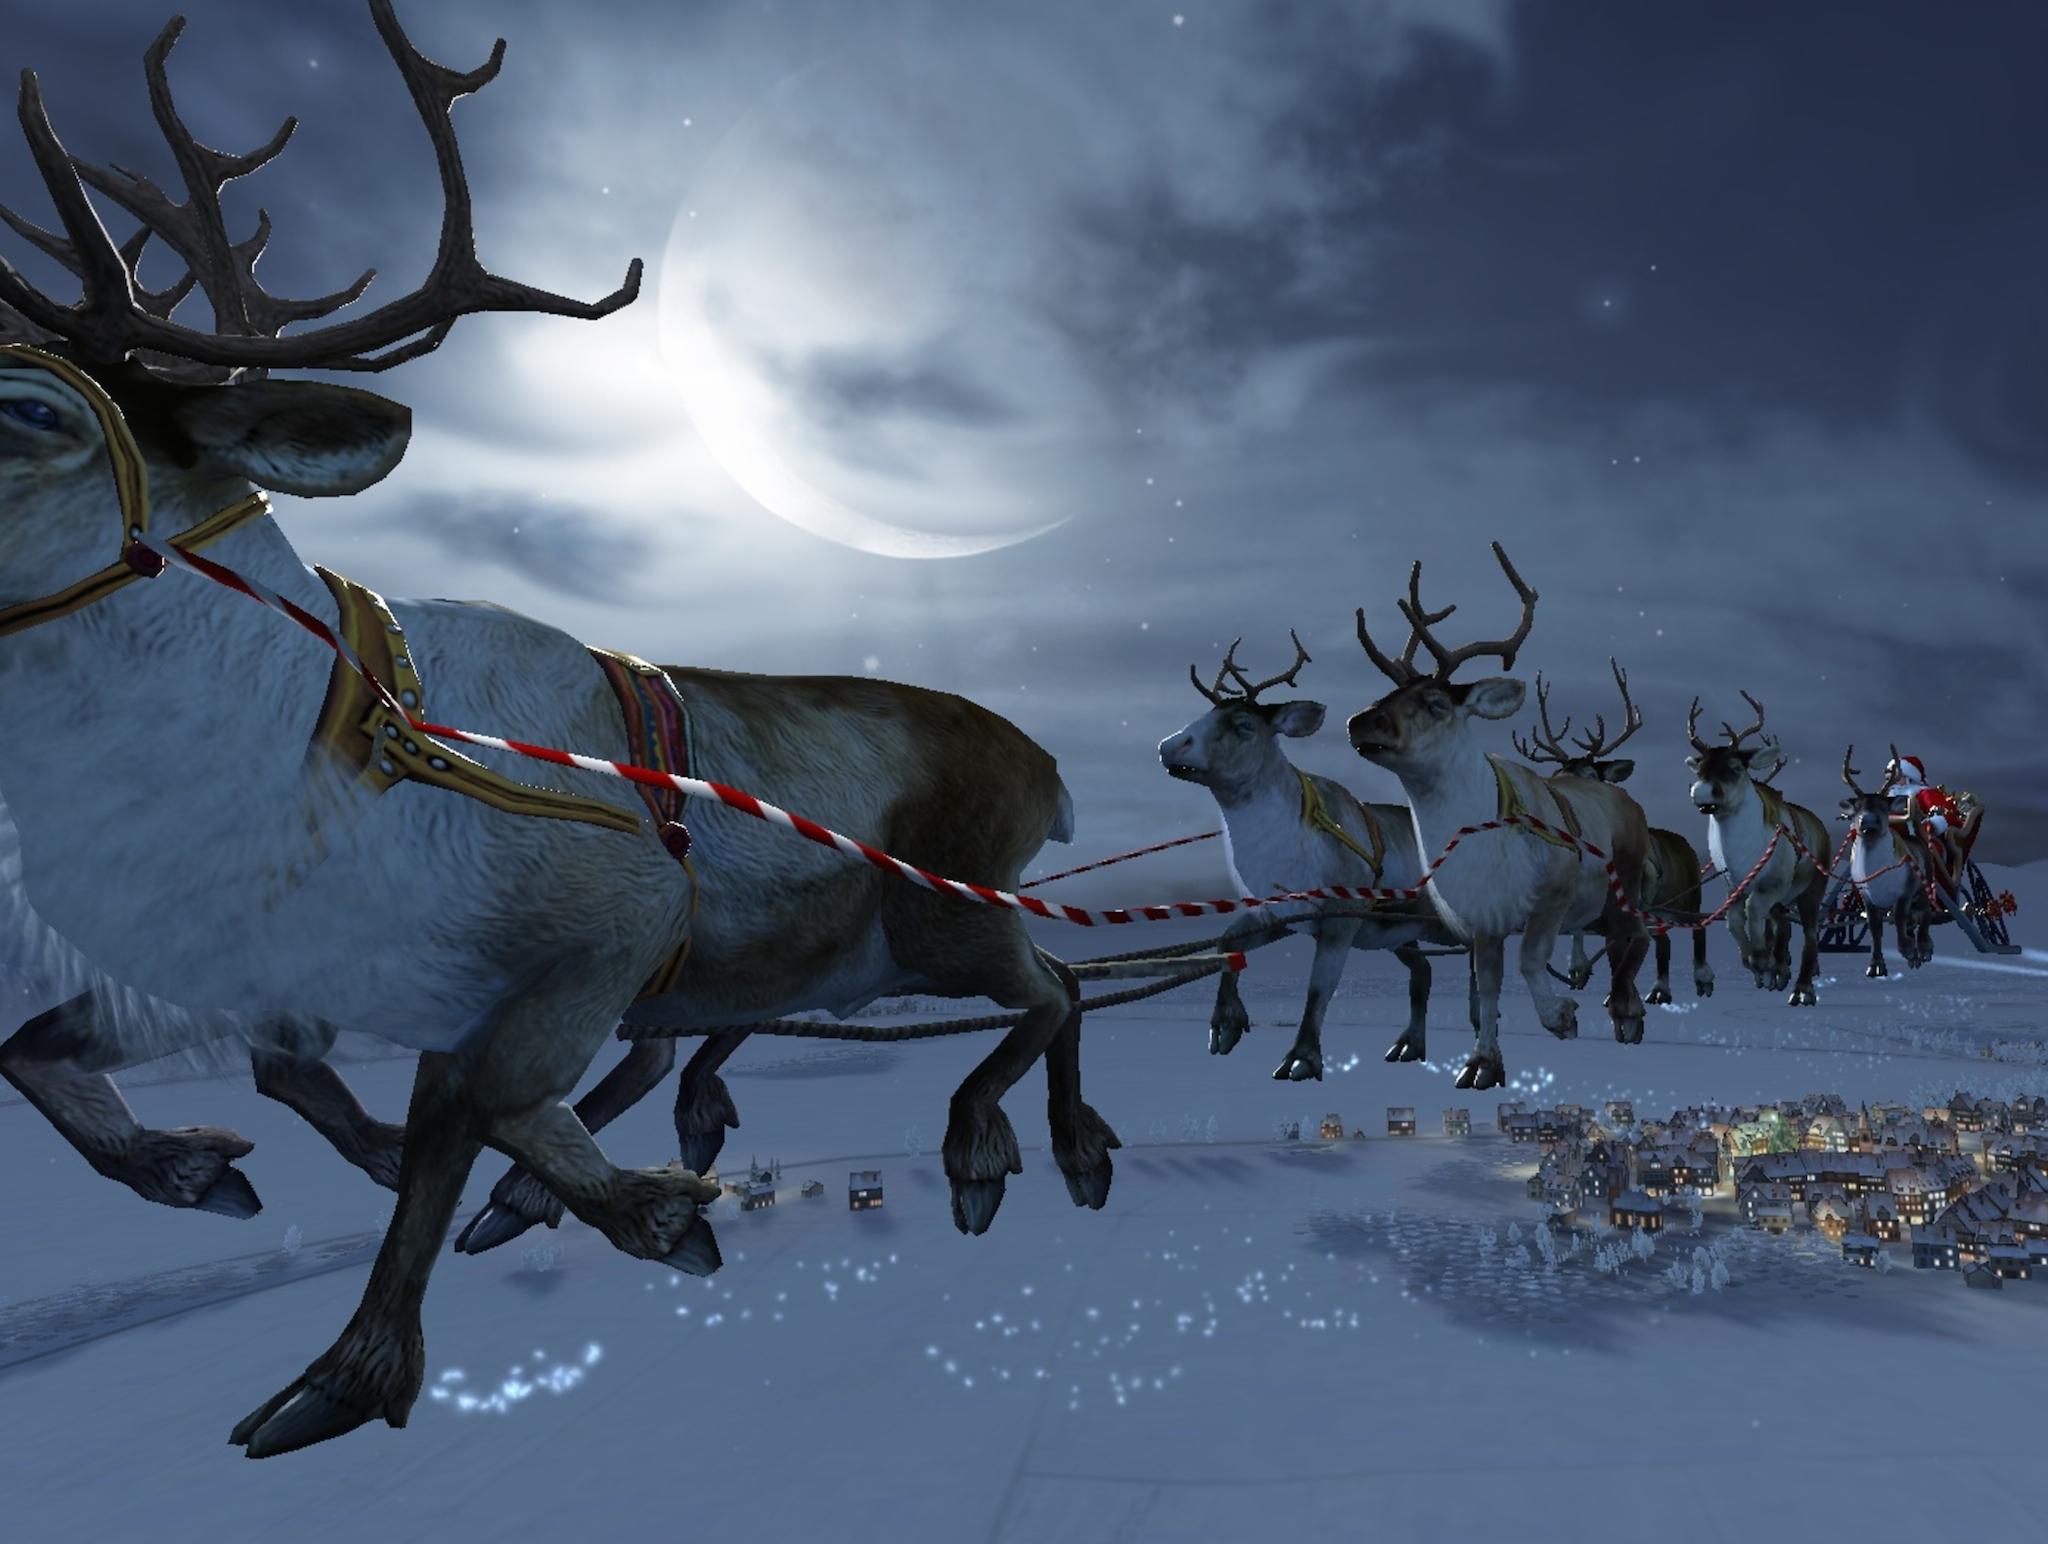 Santa Flying Reindeer Wallpaper